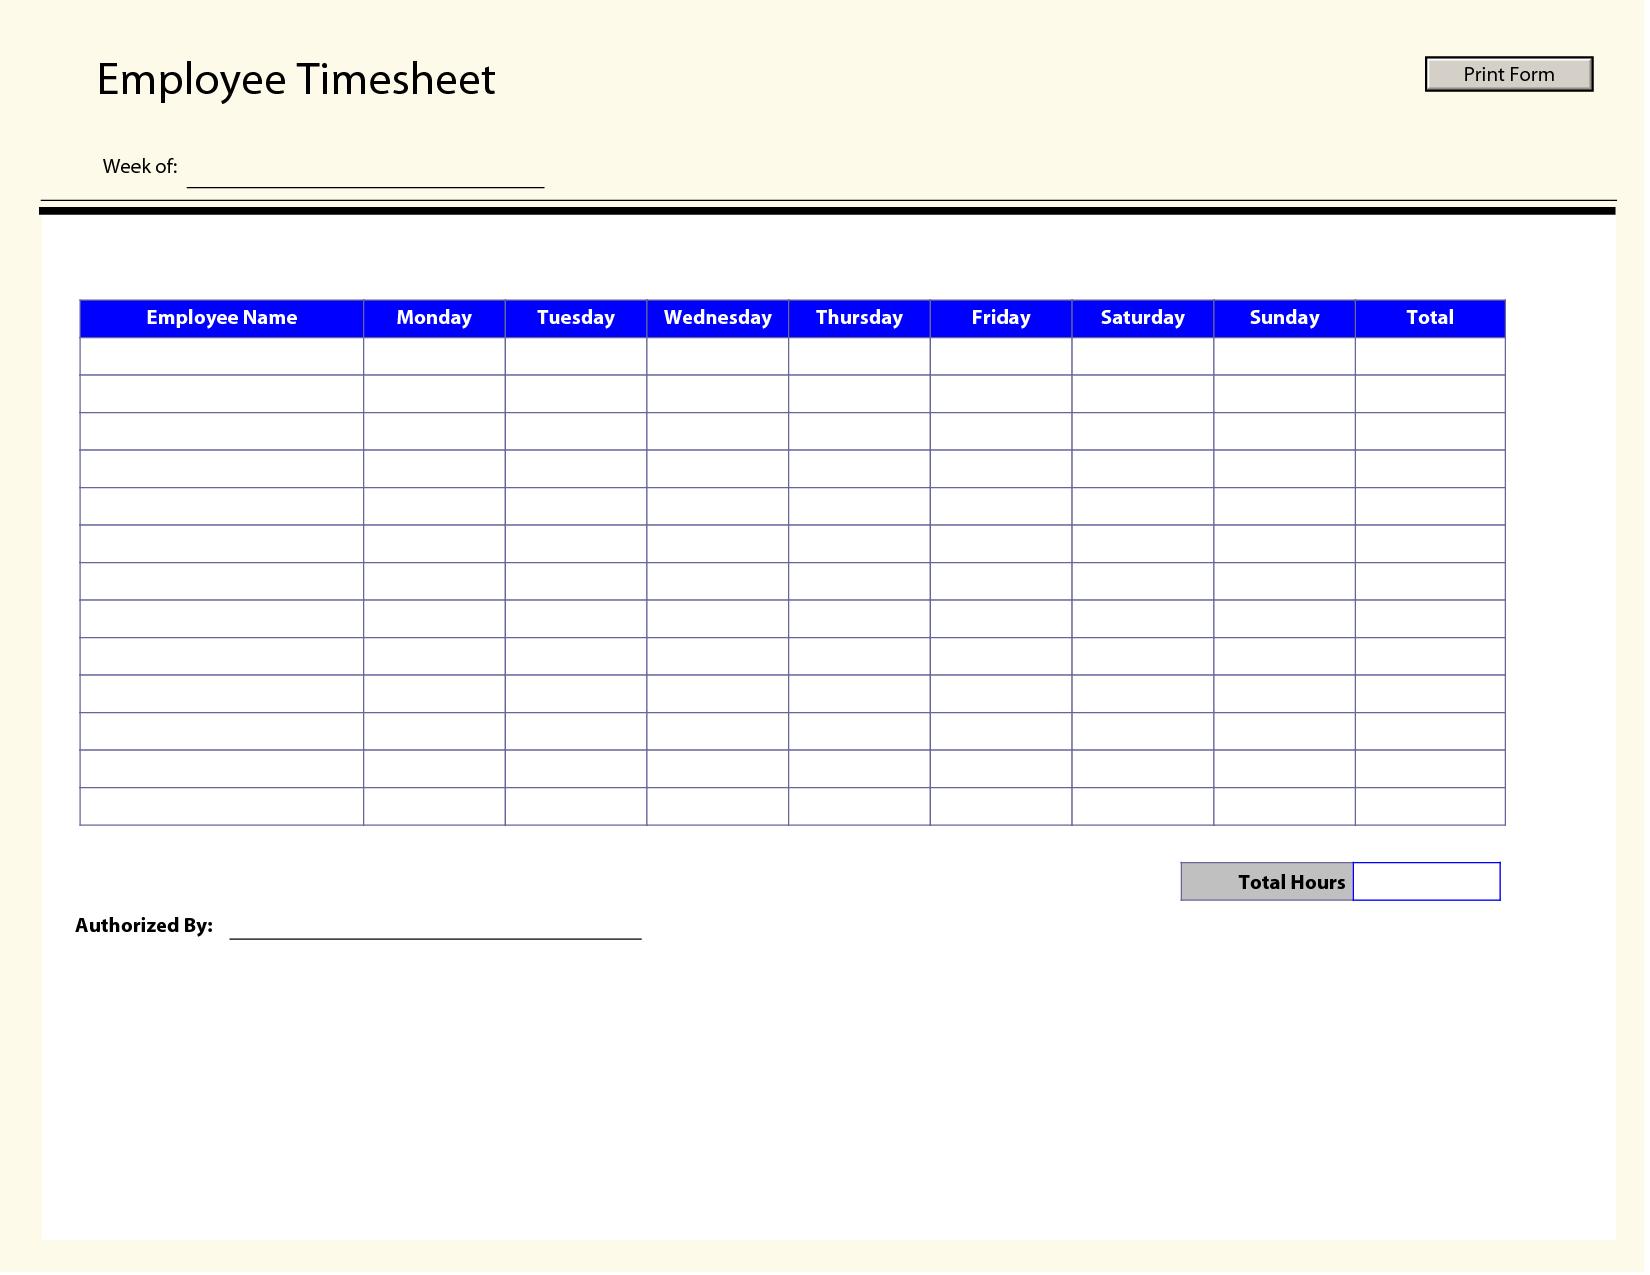 Printable Time Sheets | Free Printable Employee Timesheets Employee - Free Printable Time Sheets Forms